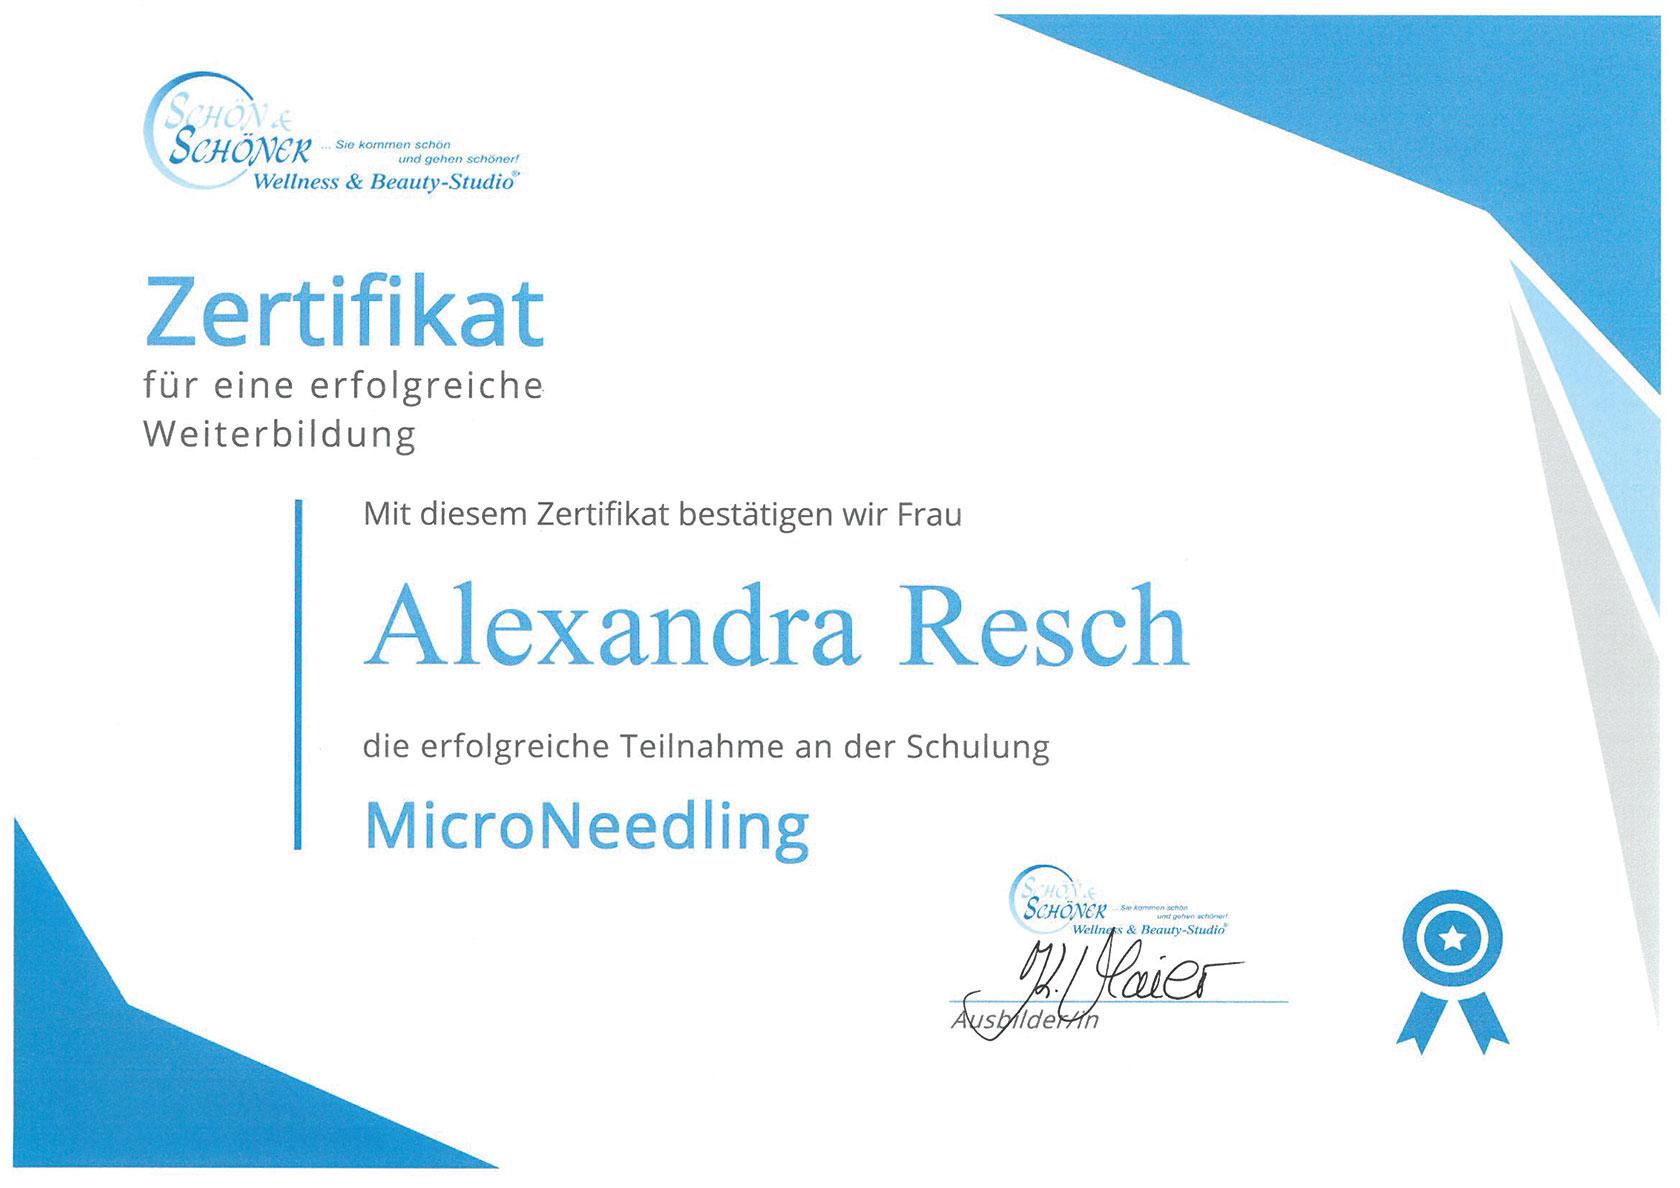 Pure Ästhetik Winnenden – Zertifikat –MicroNeedling